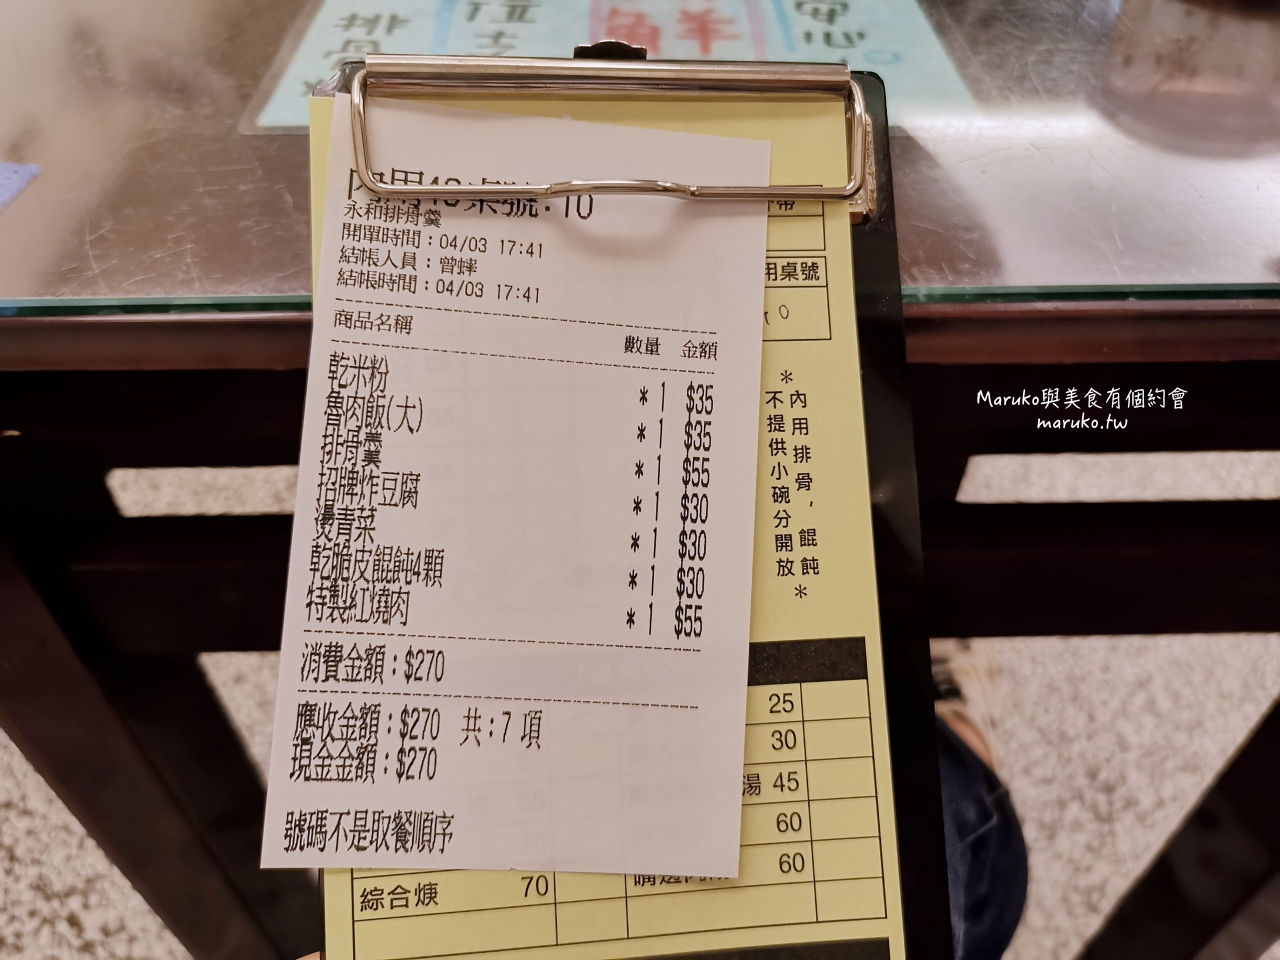 【永和】永和排骨羹/在地20年老店古早味小吃/滷肉飯.排骨羹通通必點/捷運頂溪站美食 @Maruko與美食有個約會